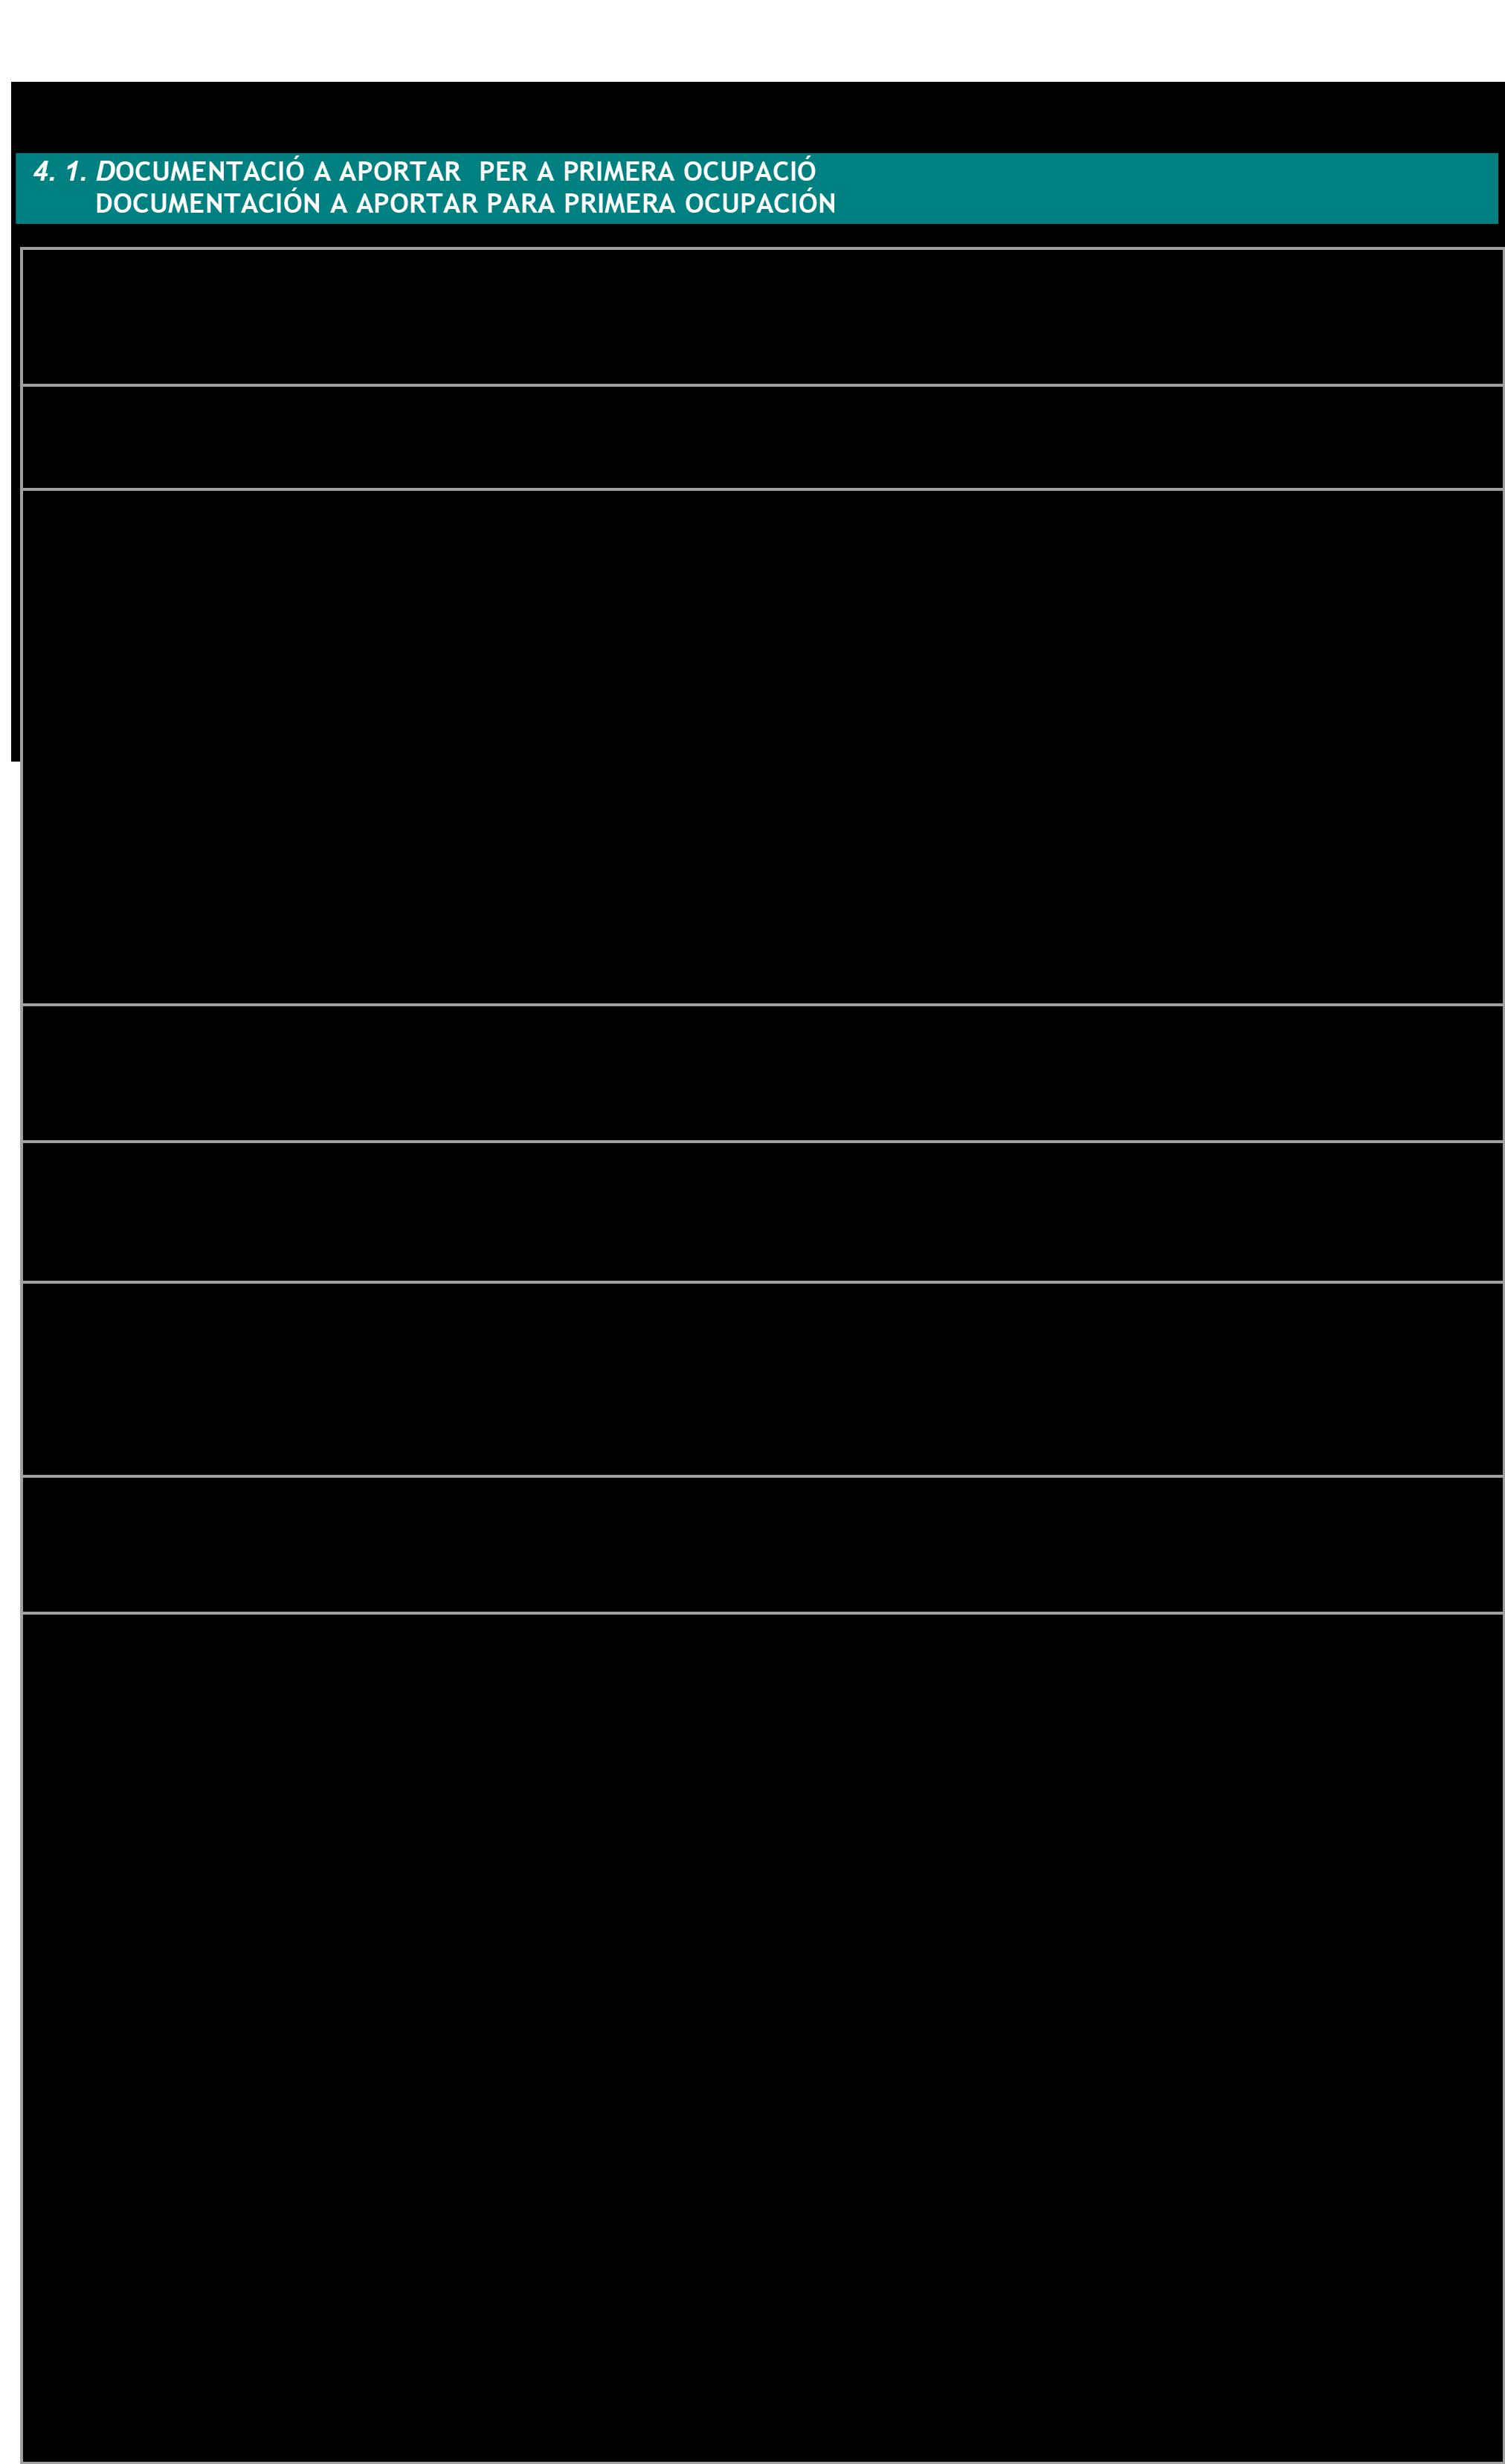 Impreso Declaración Responsable Segunda Ocupación - Gata de Gorgos 2